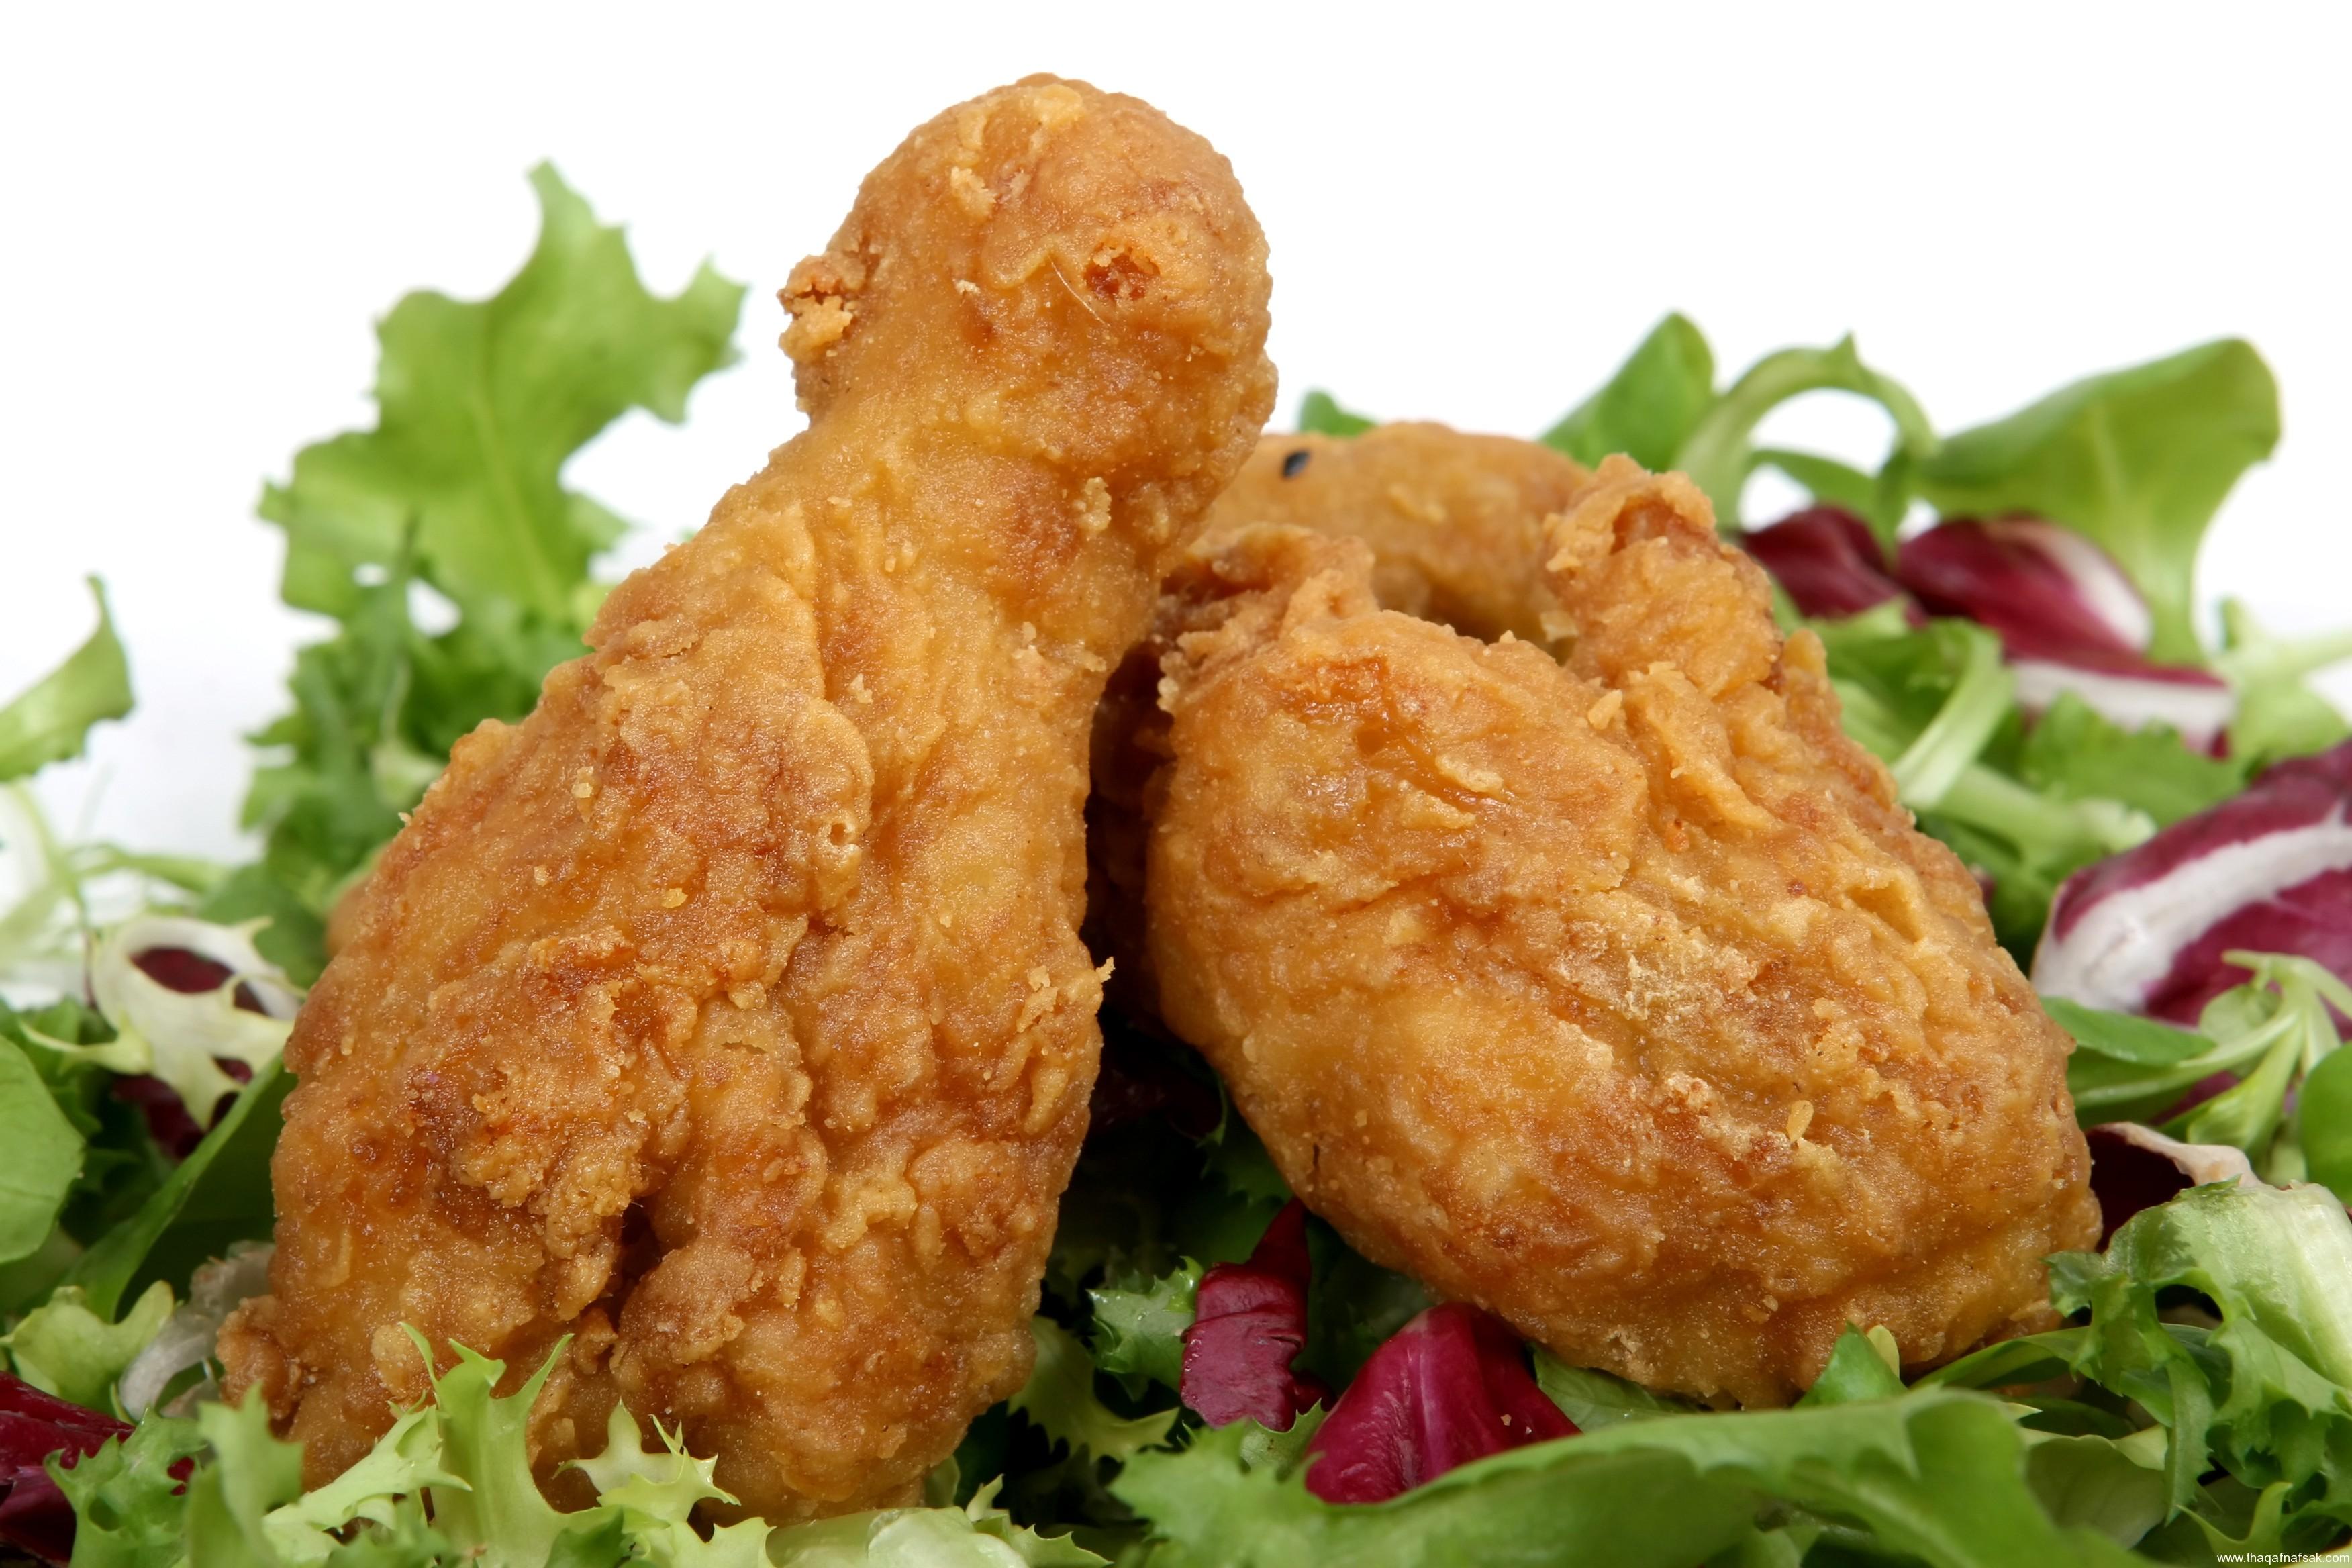 وصفة دجاج مقلي علي الطريقة الامريكية للافطار في رمضان